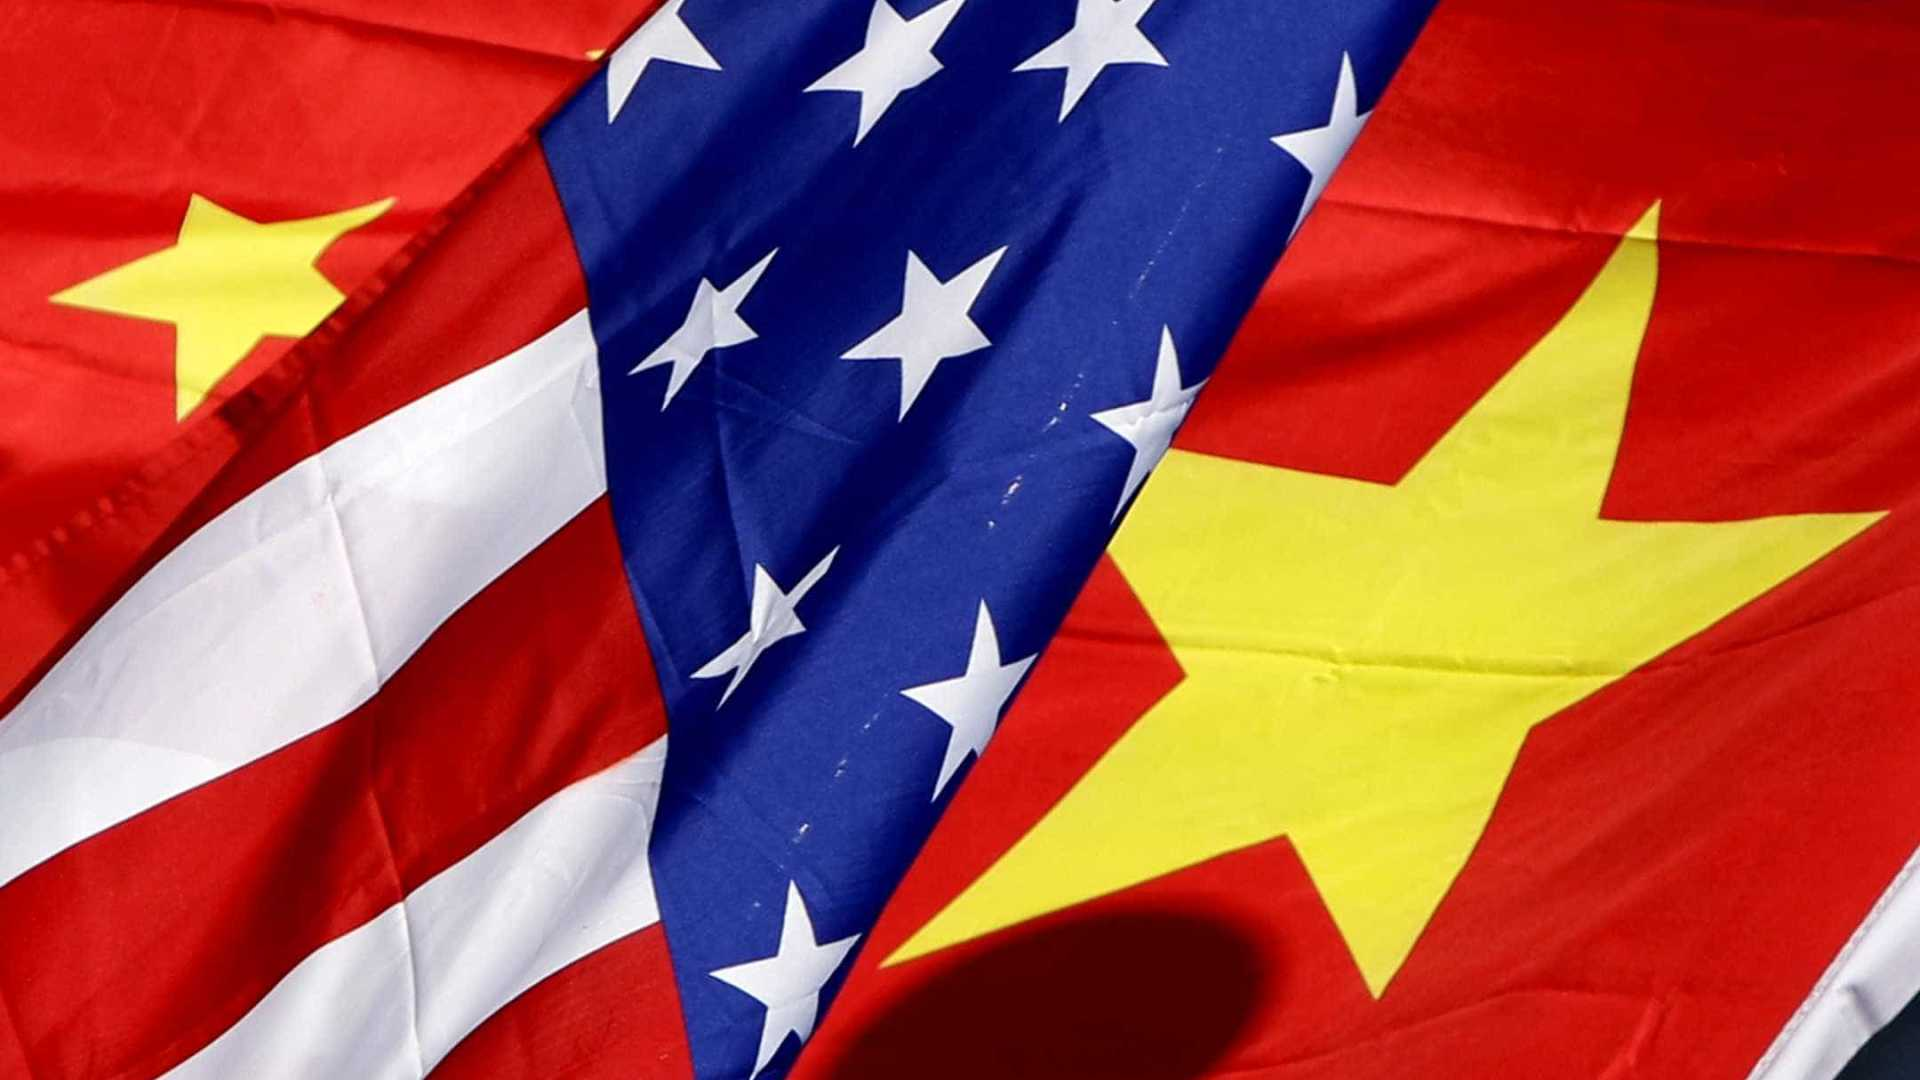 China notifica OMC sobre imposição de tarifas contra os EUA